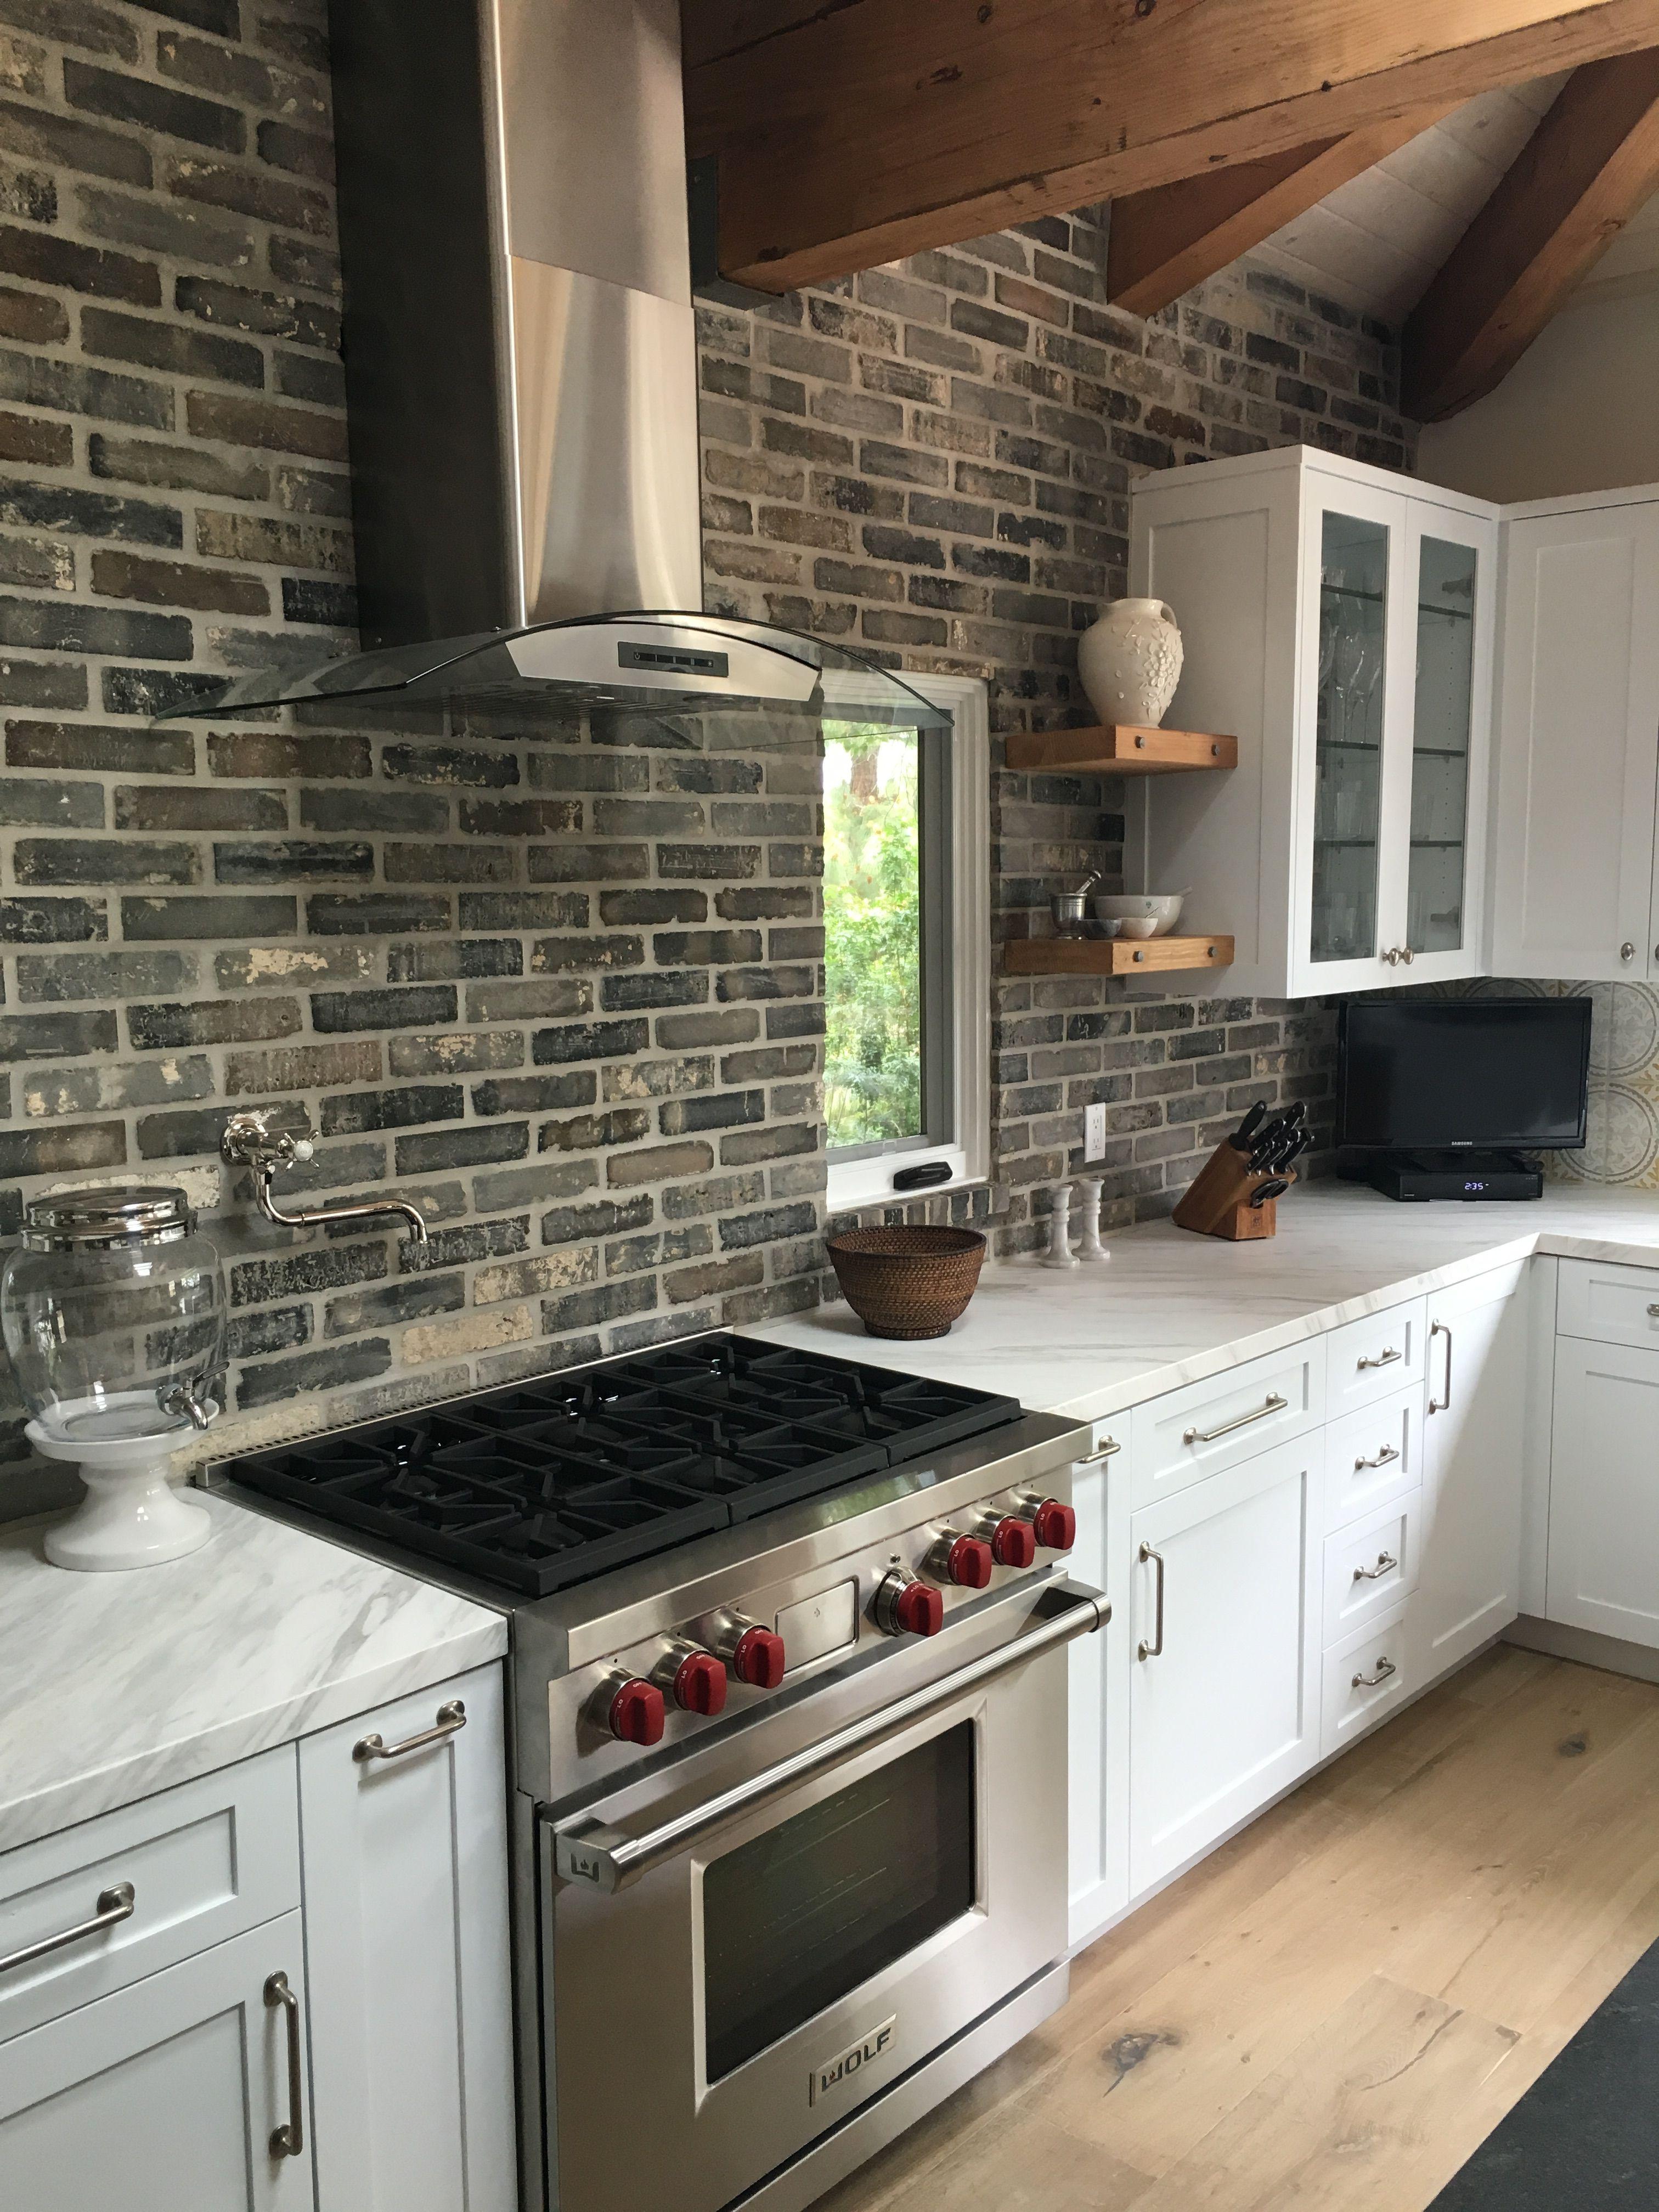 Pin de Donegan73 en home   home   Pinterest   Cocina con isla ...